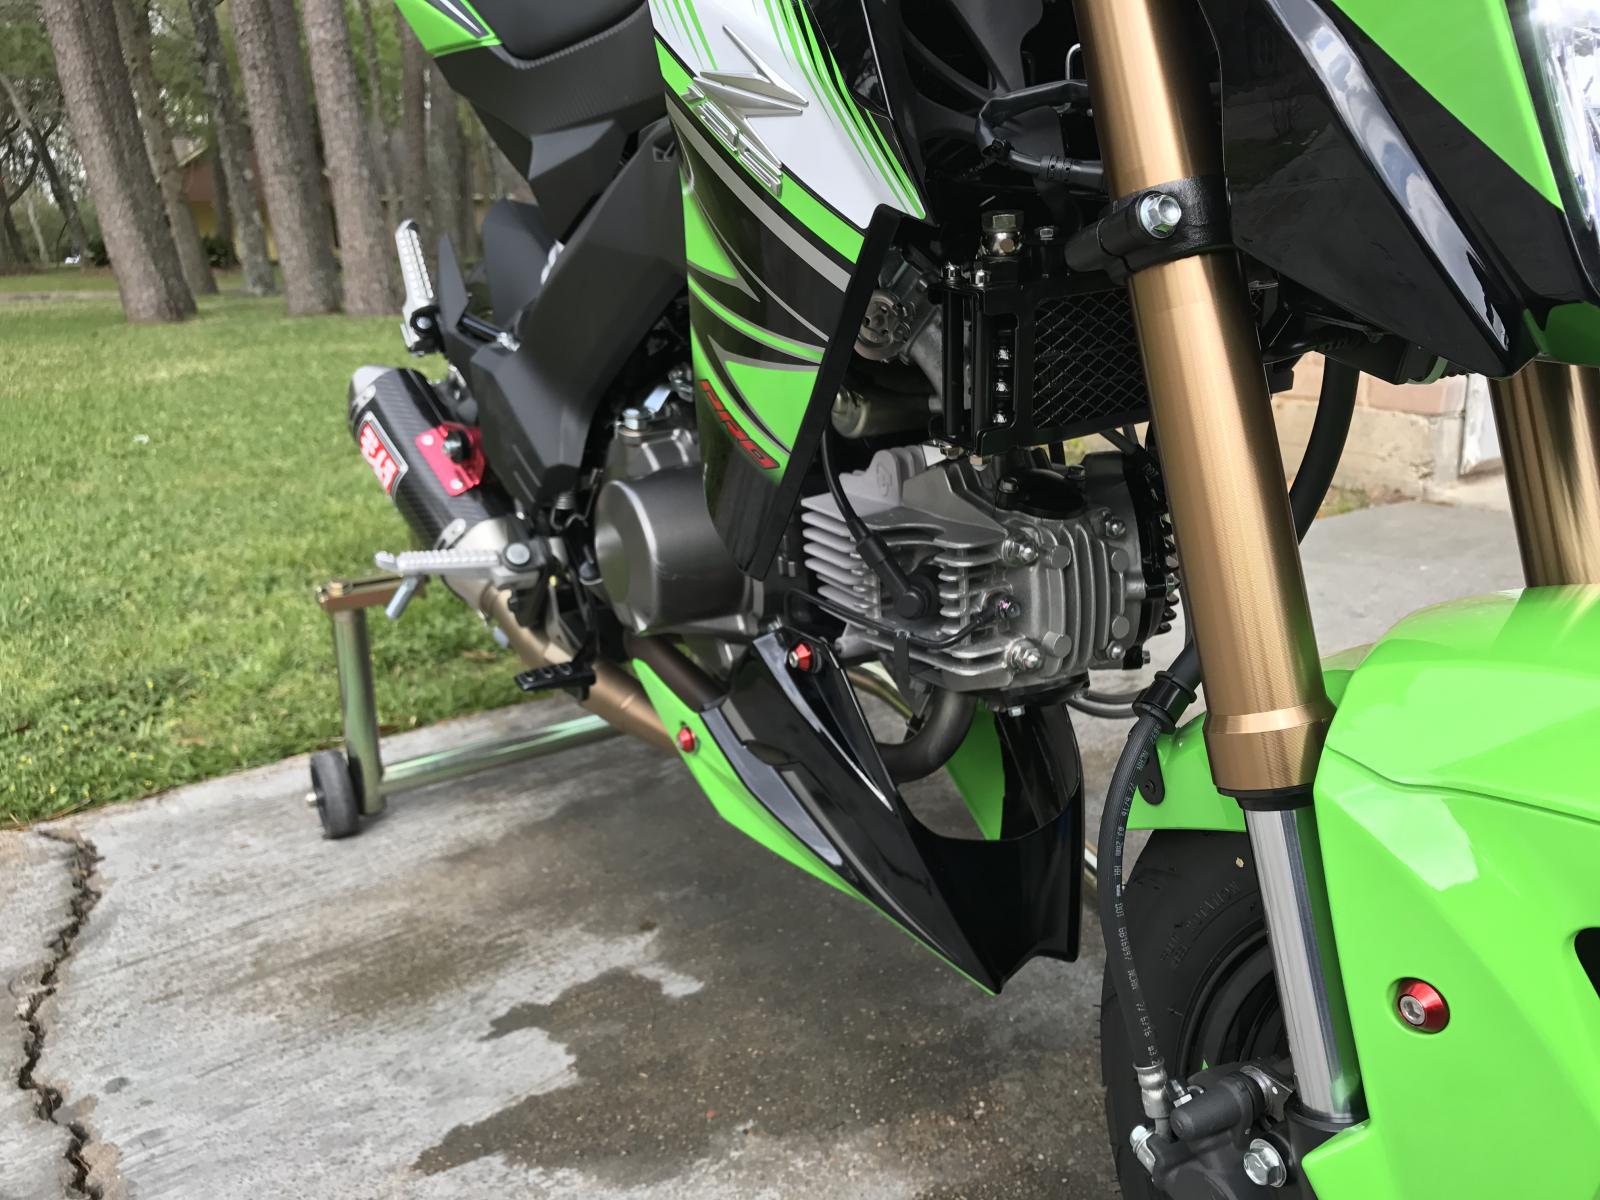 Z125 143cc big bore race head! - Page 2 - Kawasaki Z125 Forum